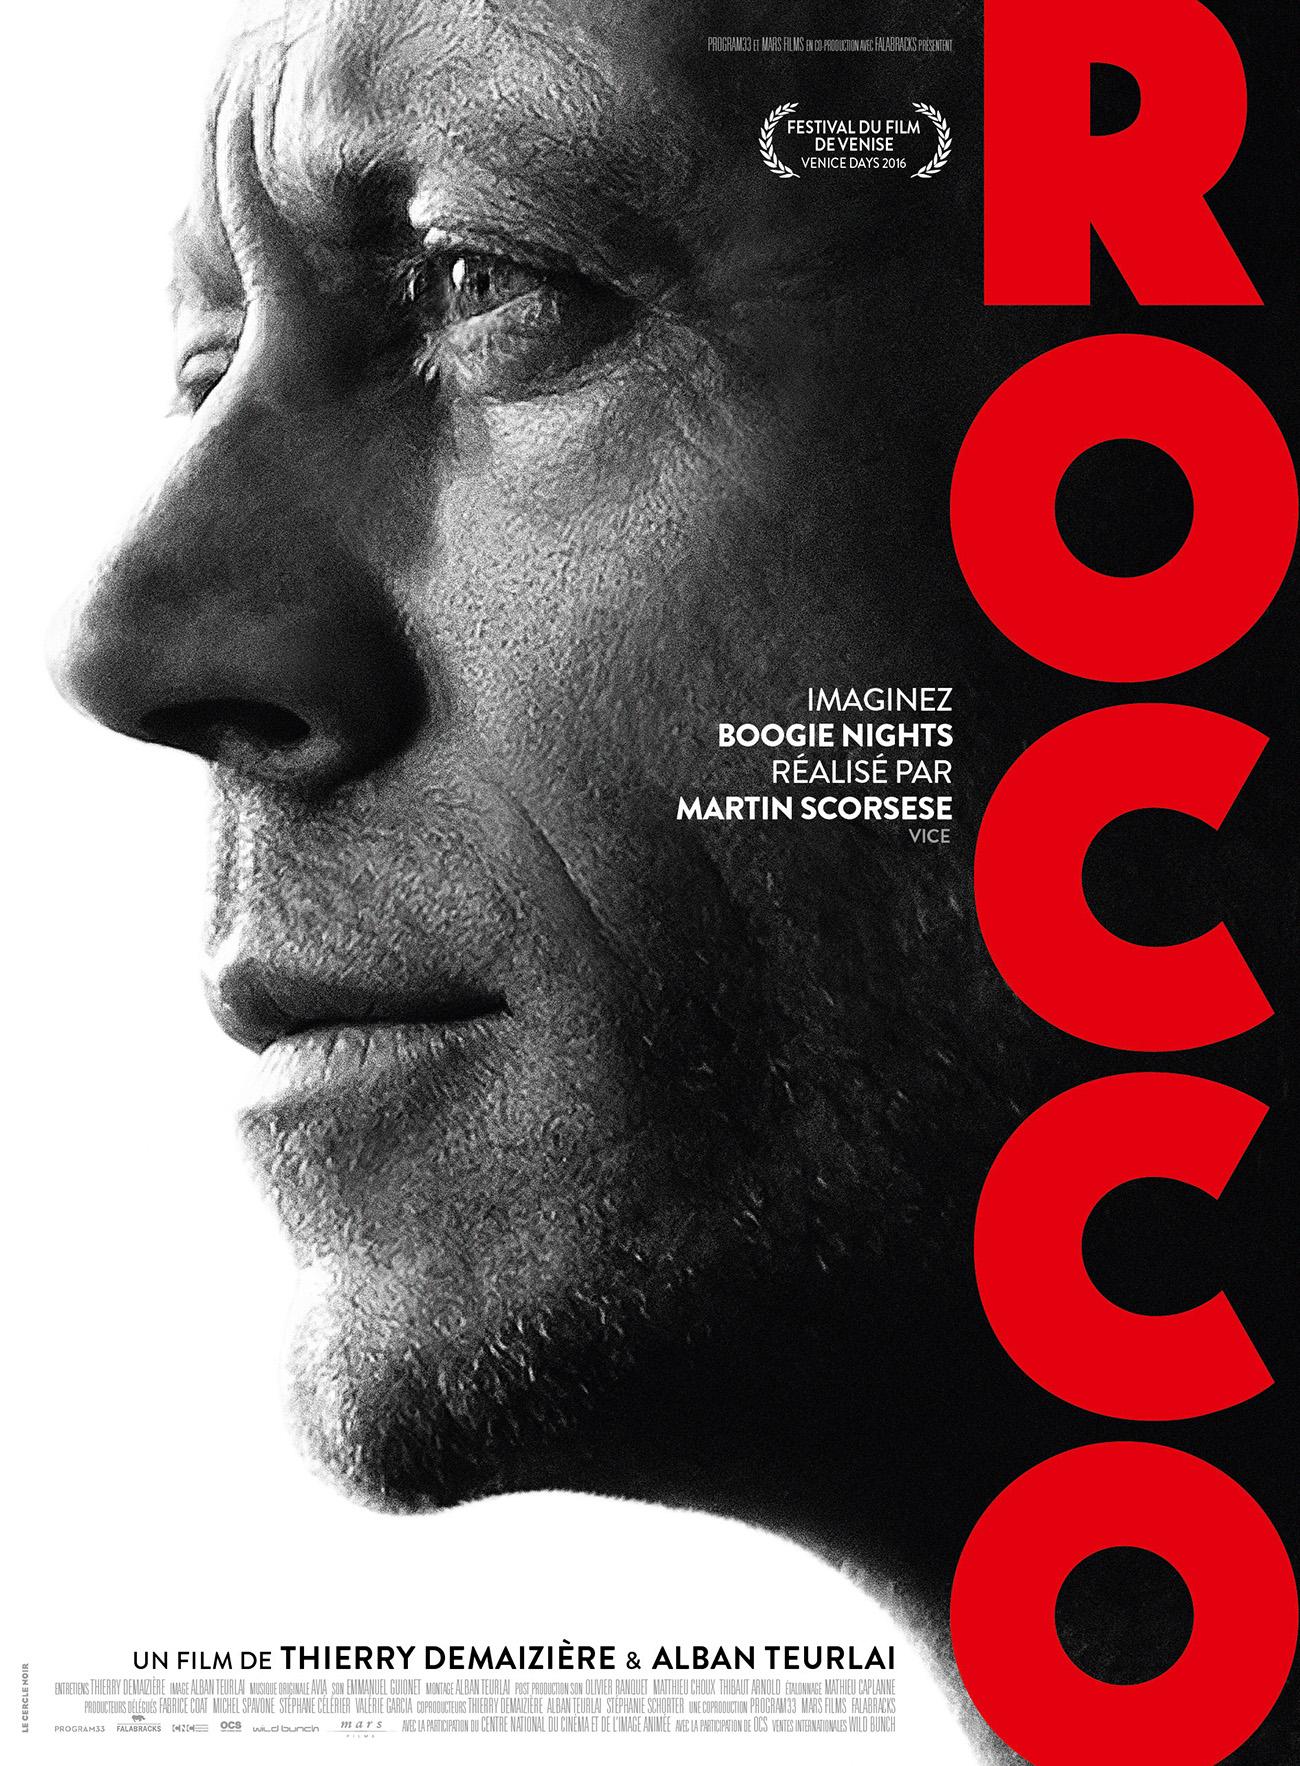 Rocco Siffredi mis à nu : découvrez la bande-annonce de Rocco